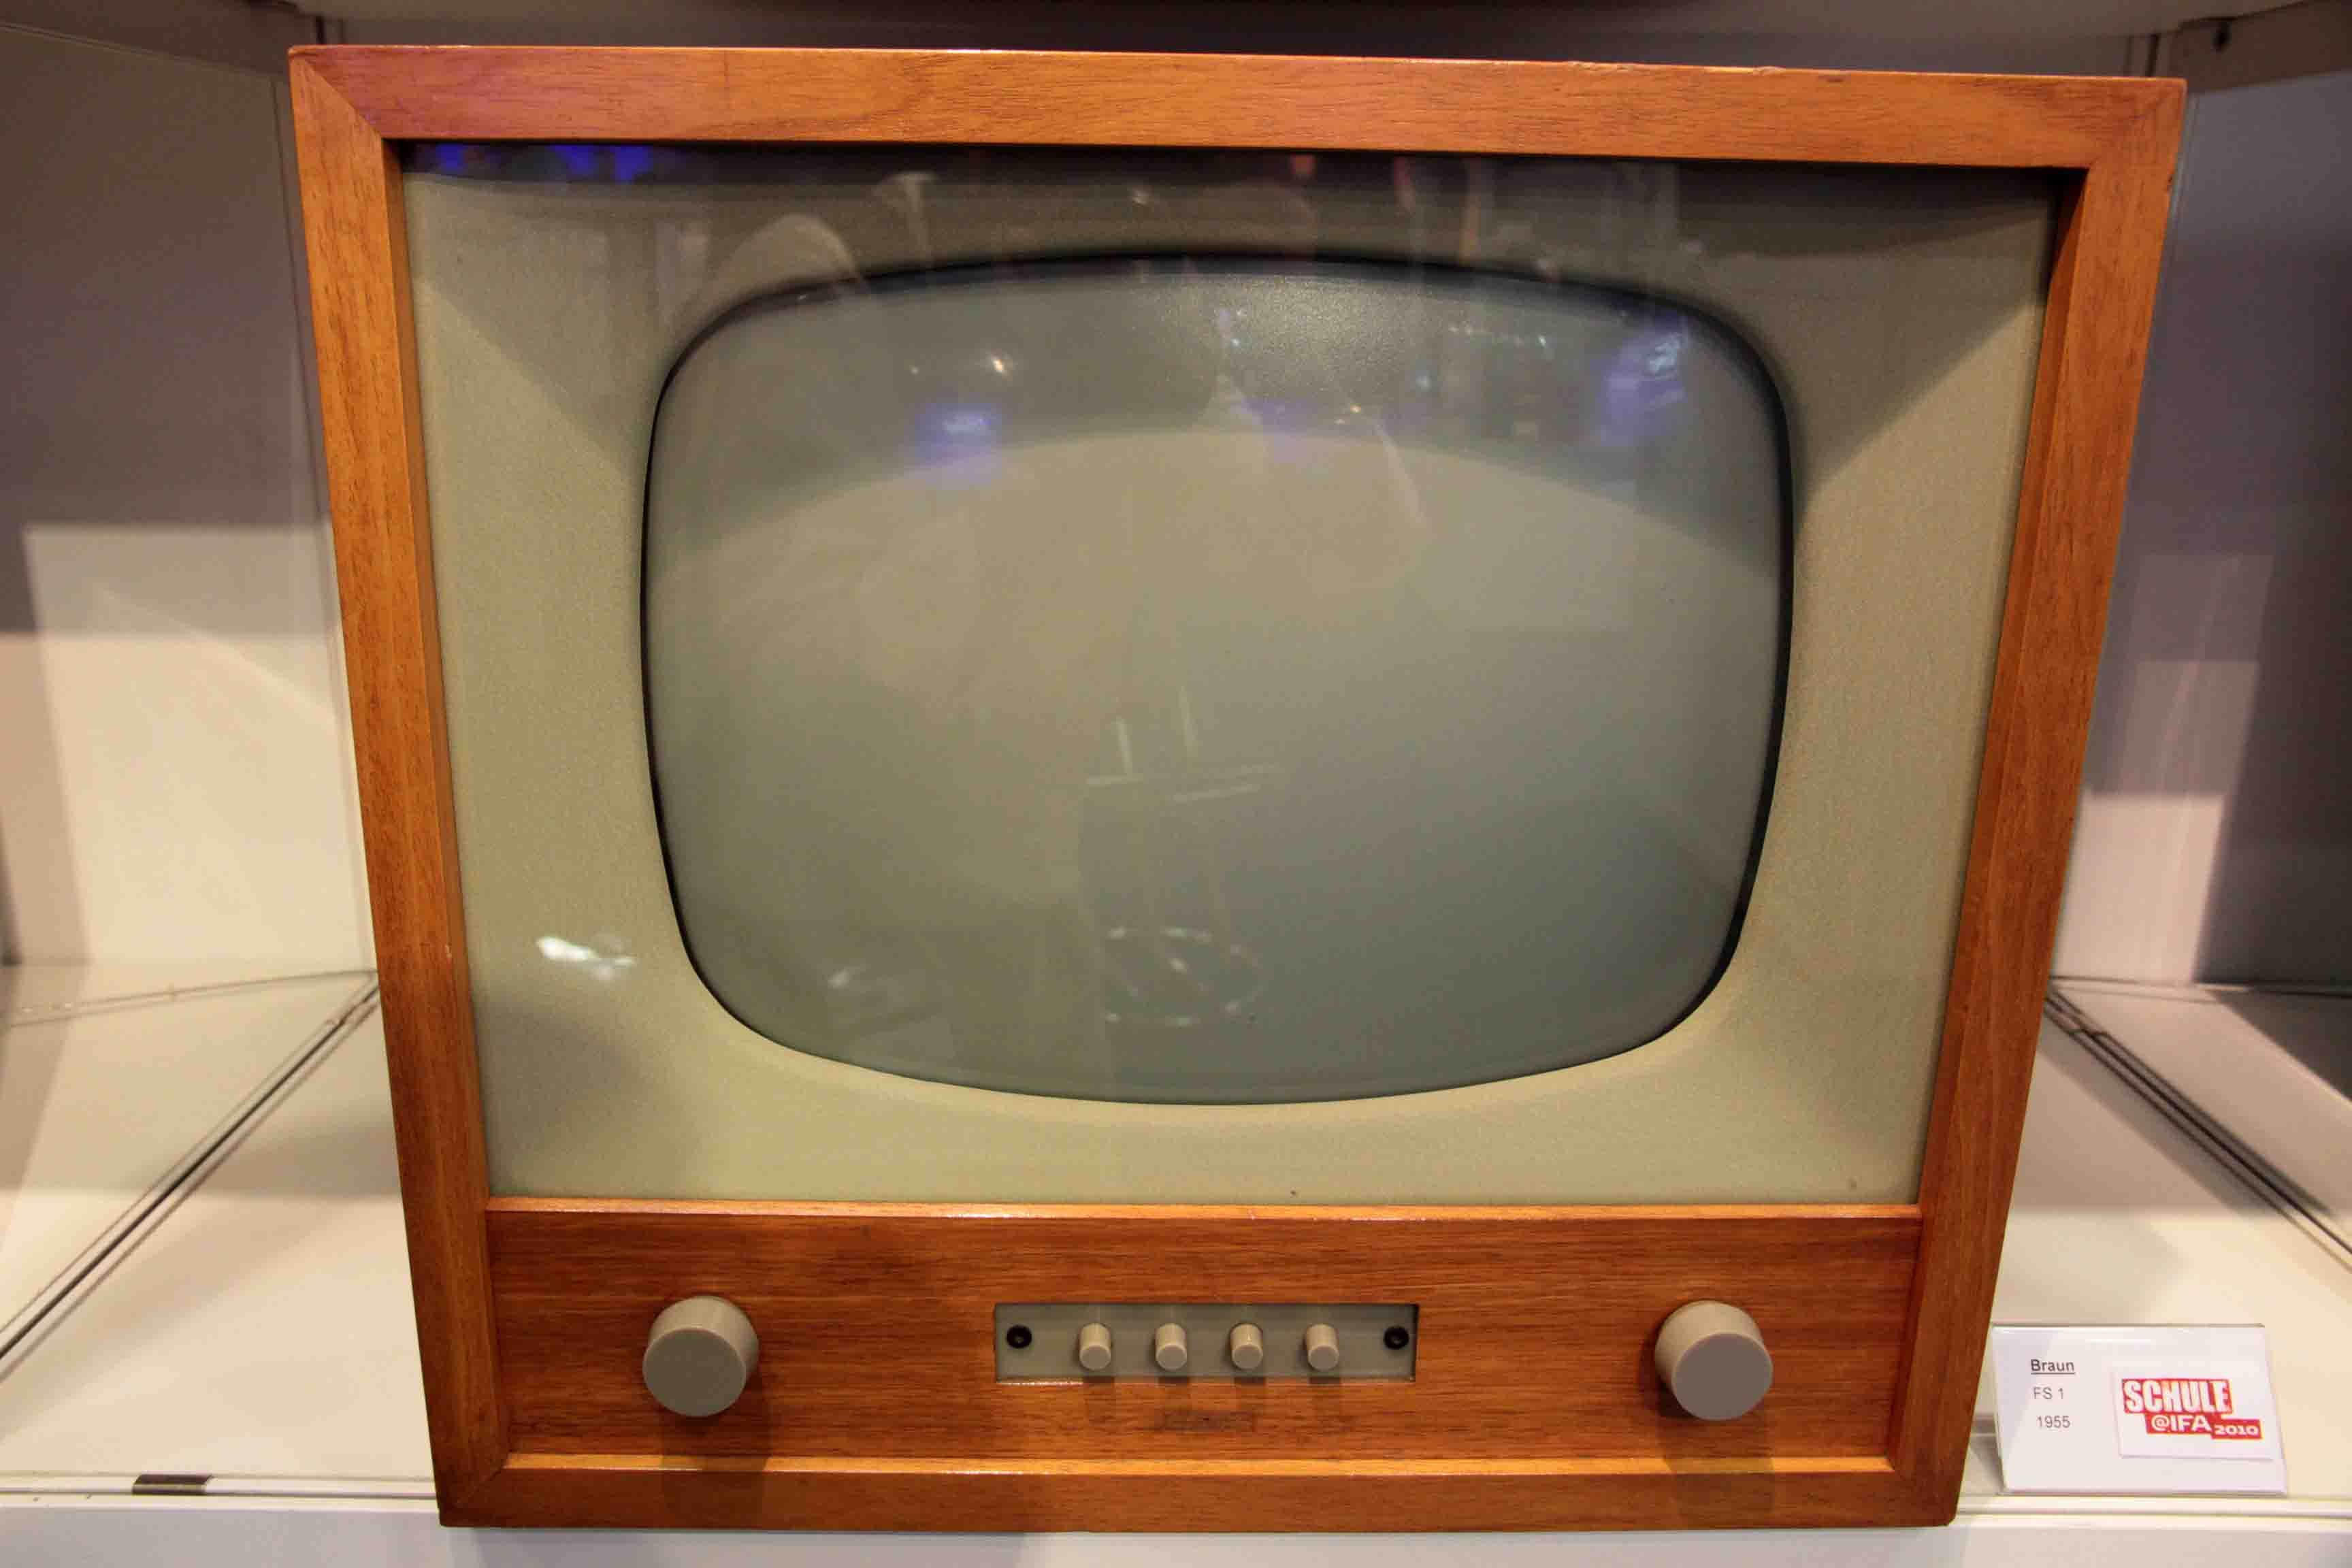 Niedlich Tv In Einem Bilderrahmen Ideen - Benutzerdefinierte ...